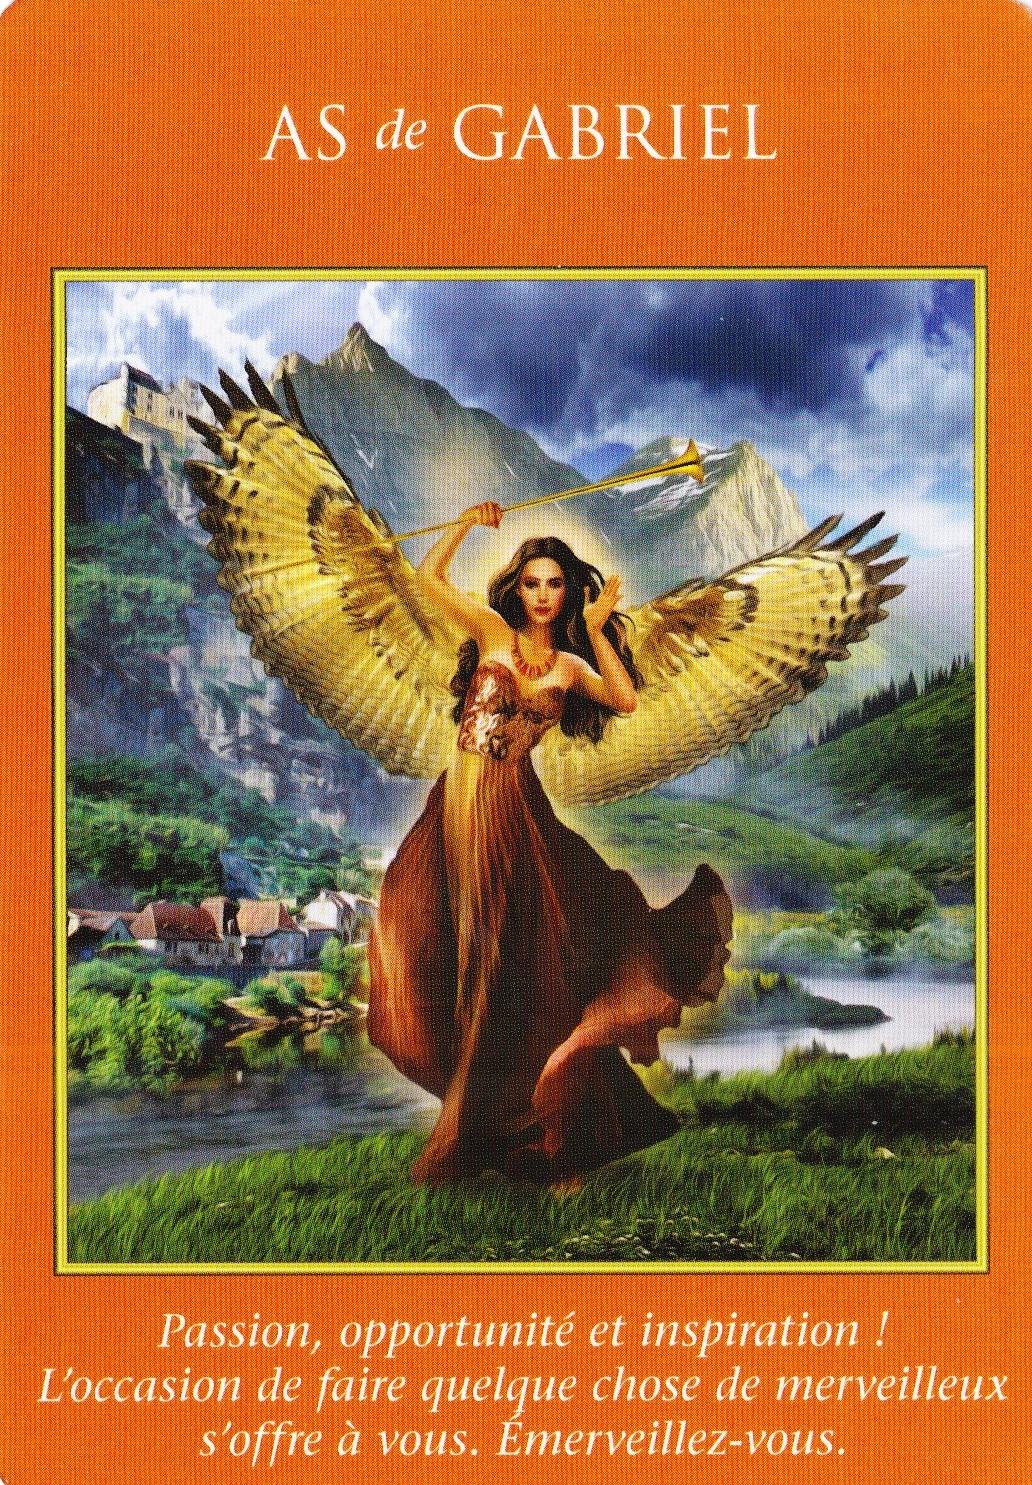 As de Gabriel - Le Tarot des Archanges Doreen Virtue - 2